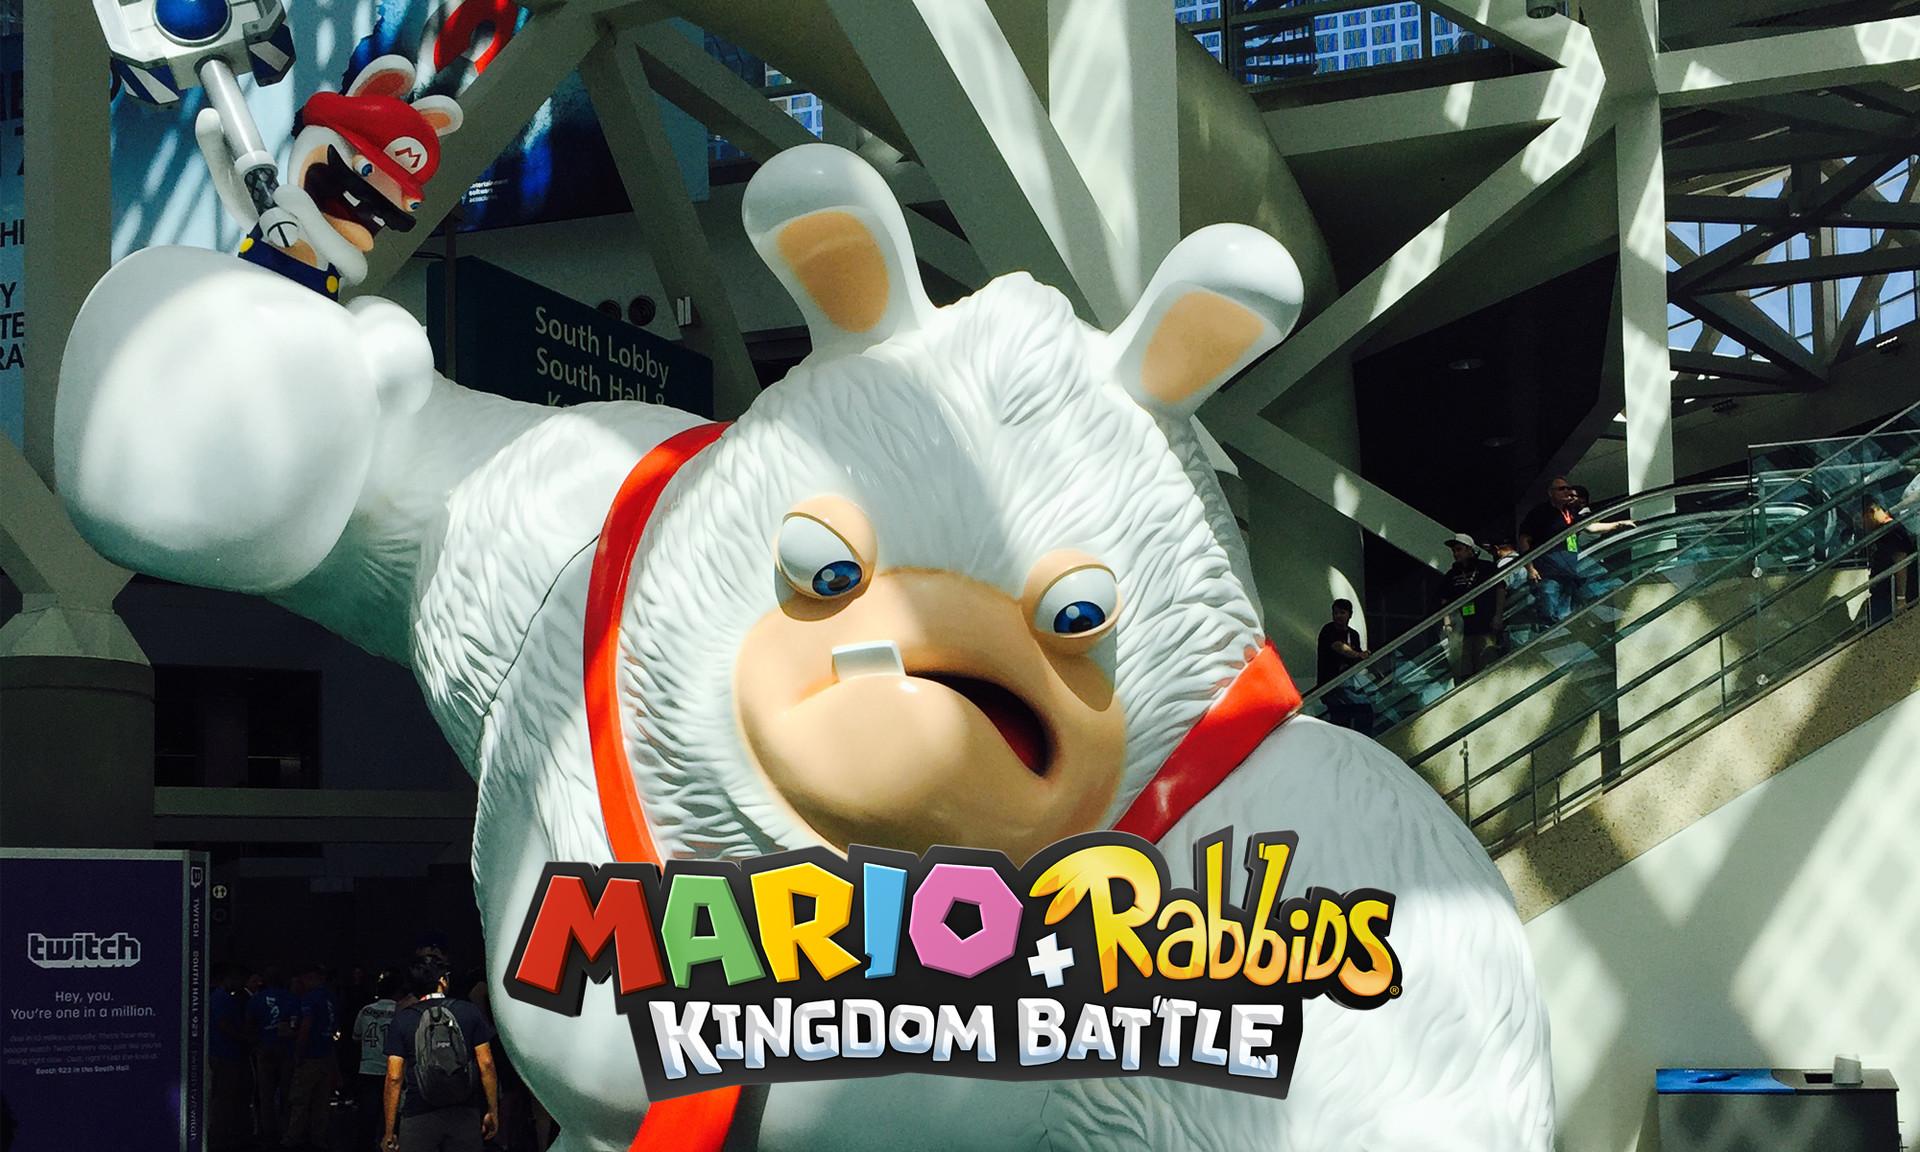 Rabbid Kong E3 Statue